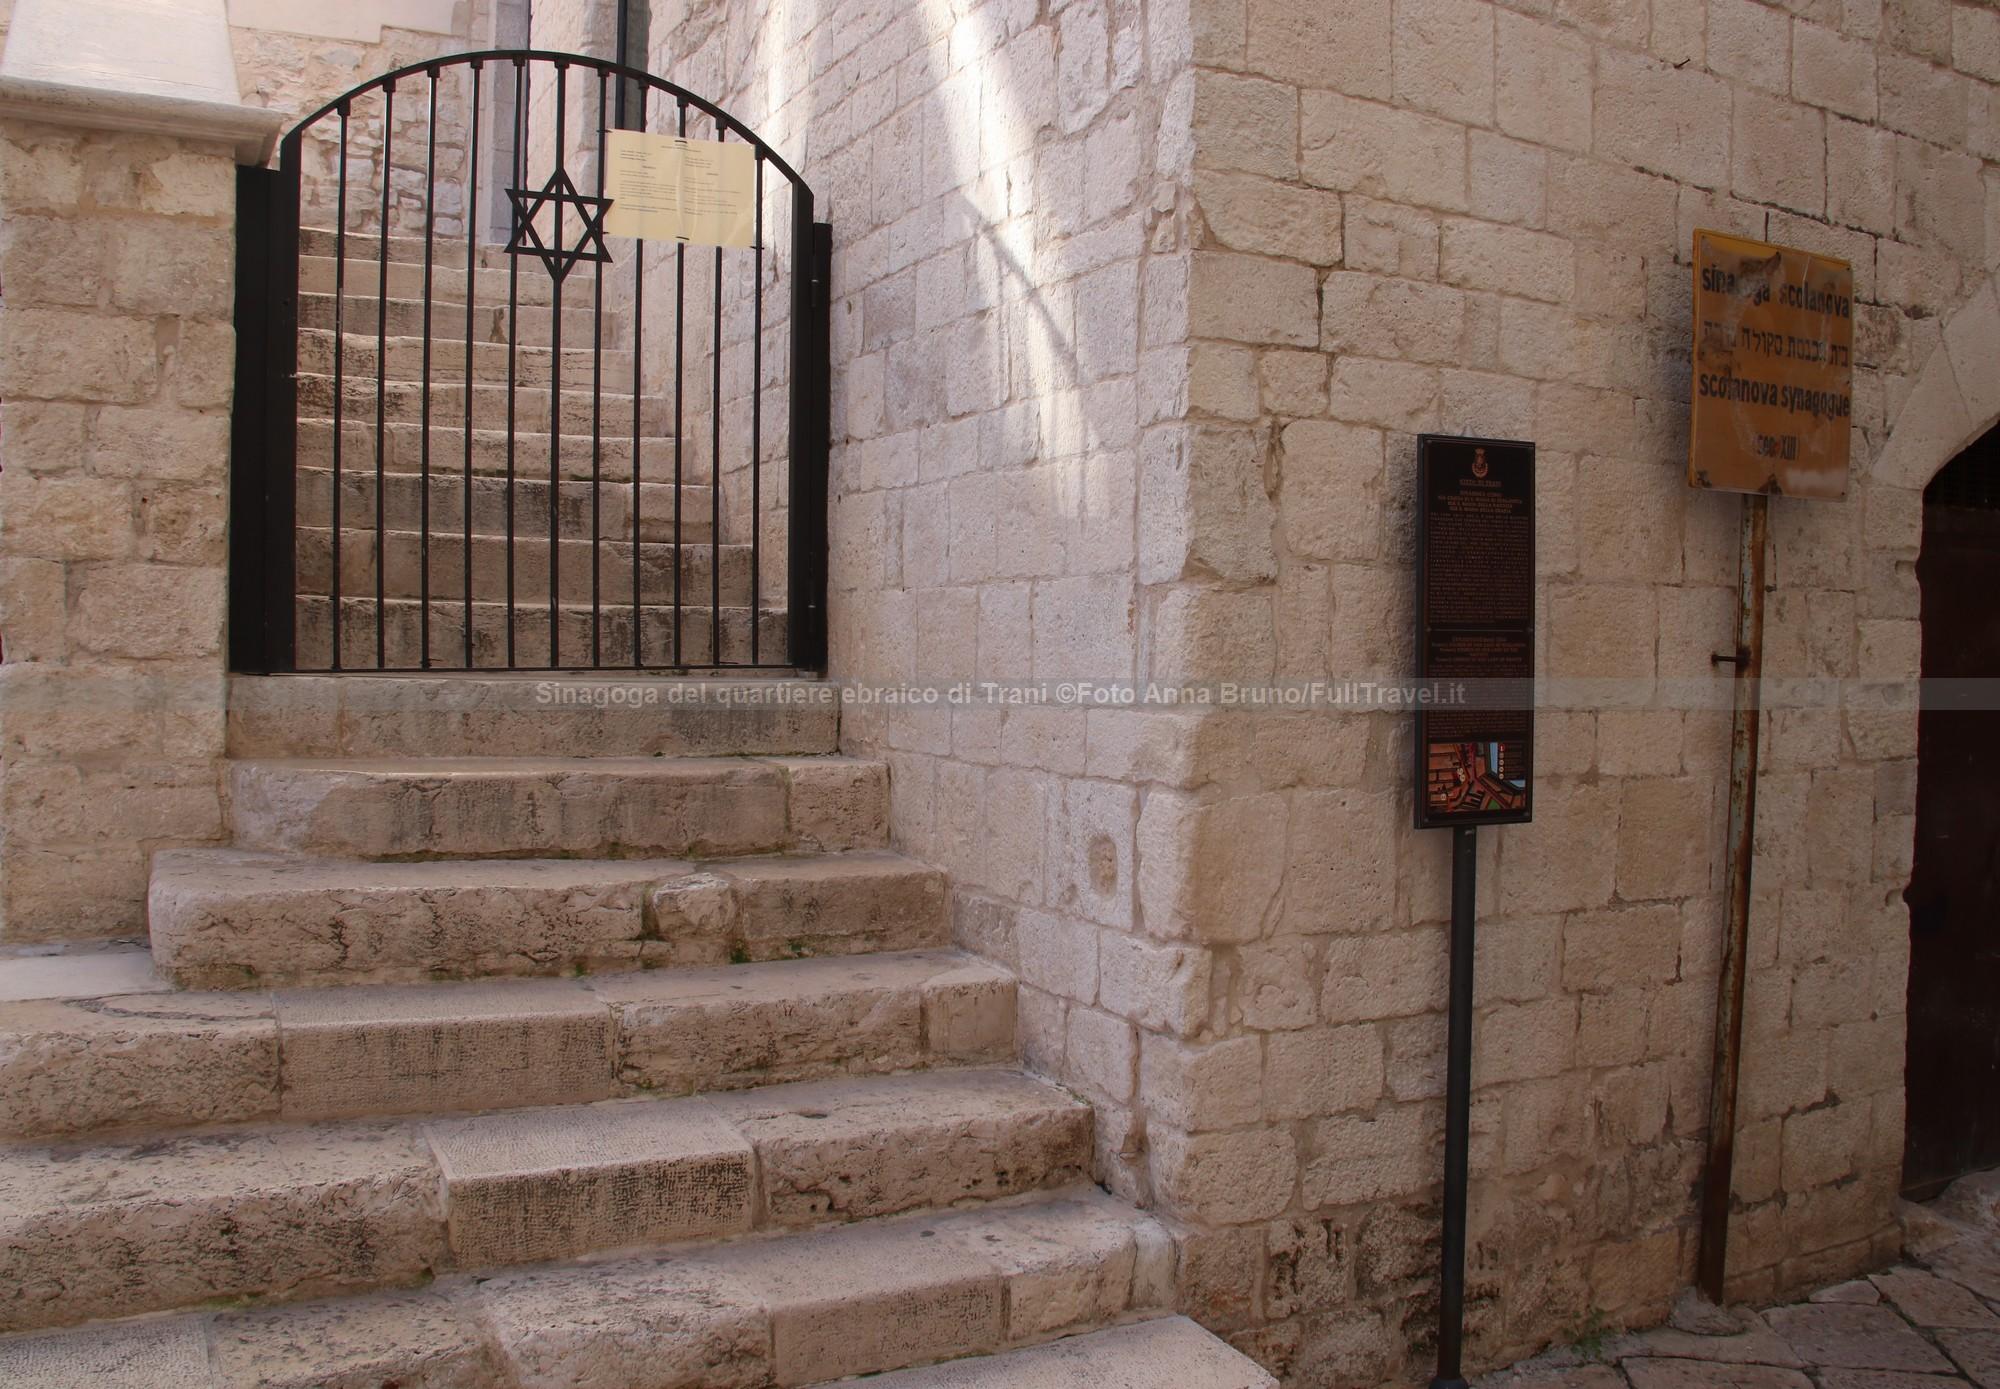 Sinagoga del quartiere ebraico di Trani ©Foto Anna Bruno/FullTravel.it